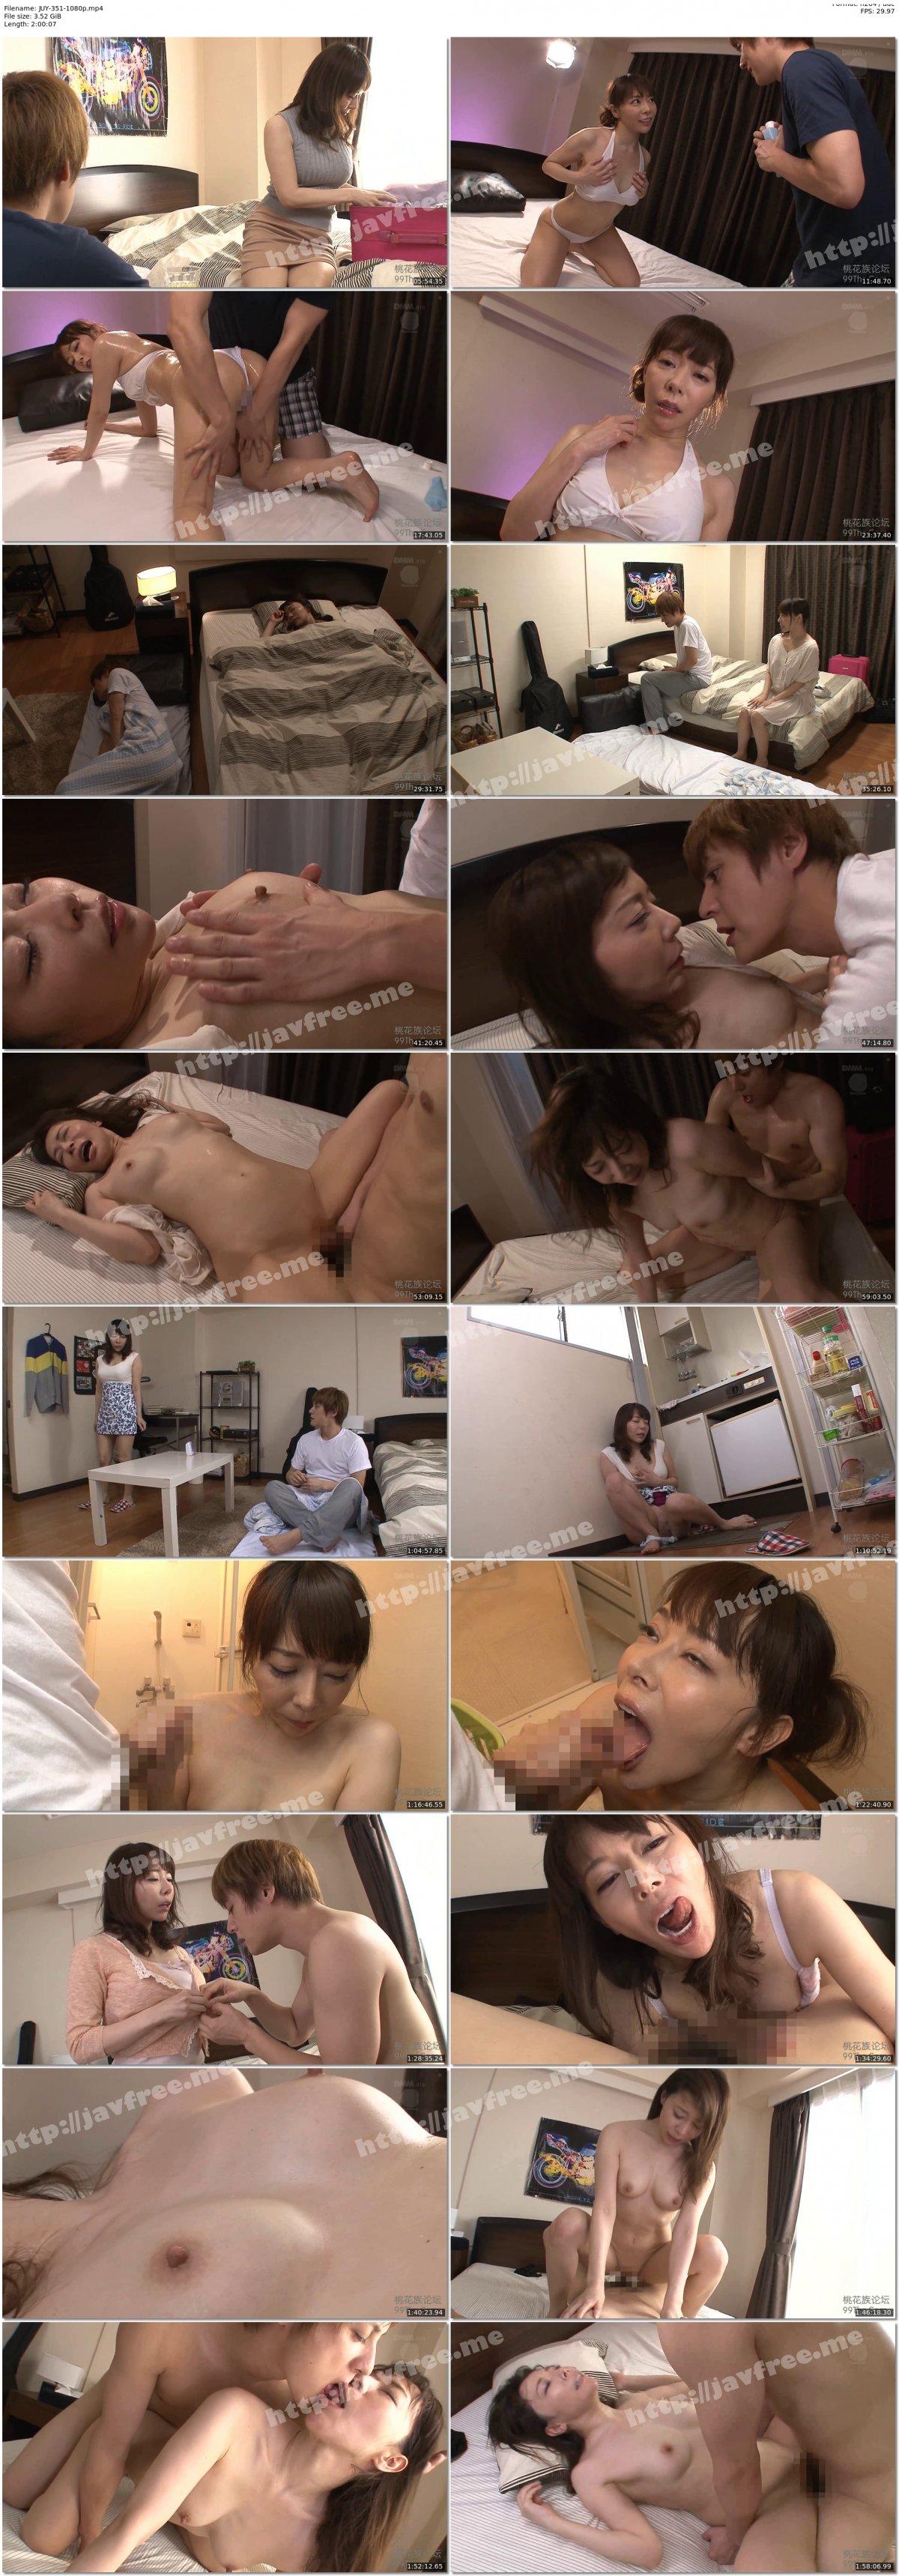 [HD][JUY-351] 綺麗な叔母さんが僕のアパートに泊まりに来て… 水沢かおり - image JUY-351-1080p on https://javfree.me